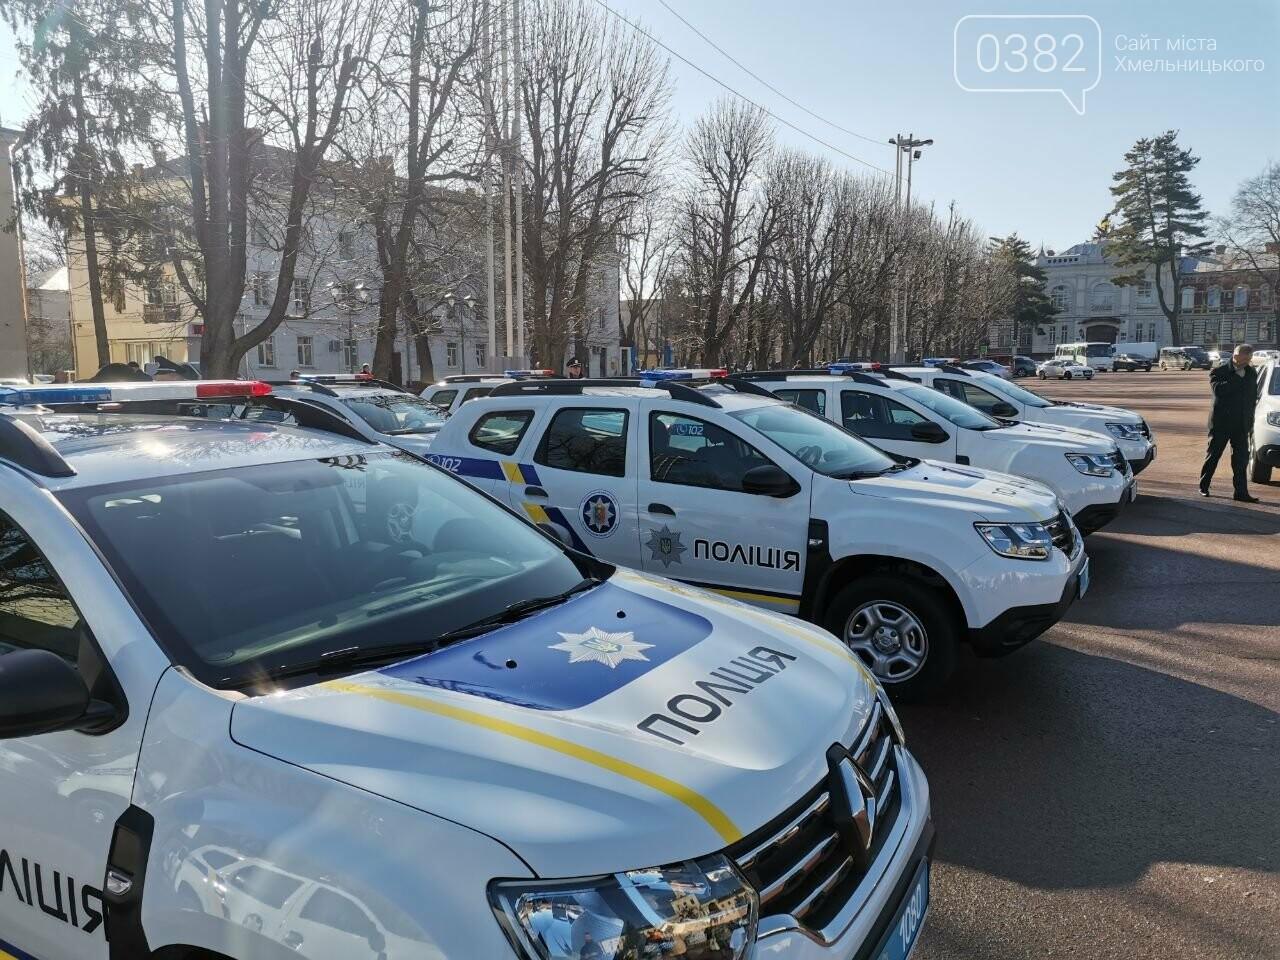 Хмельниччині вручили 43 поліцейських авто Renault Duster, фото-1